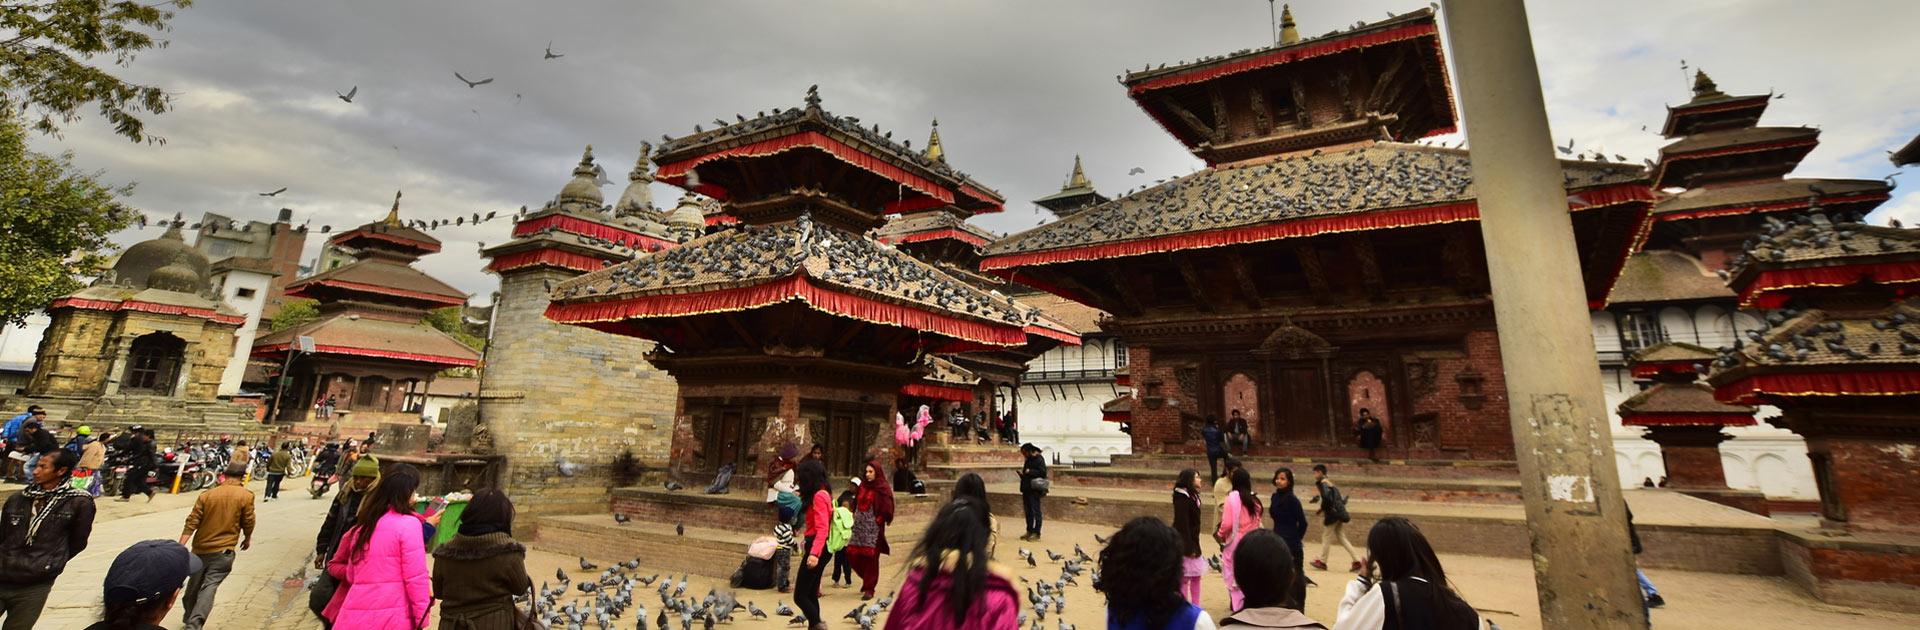 NP Nepal Cultural y Trekking 10 días 2